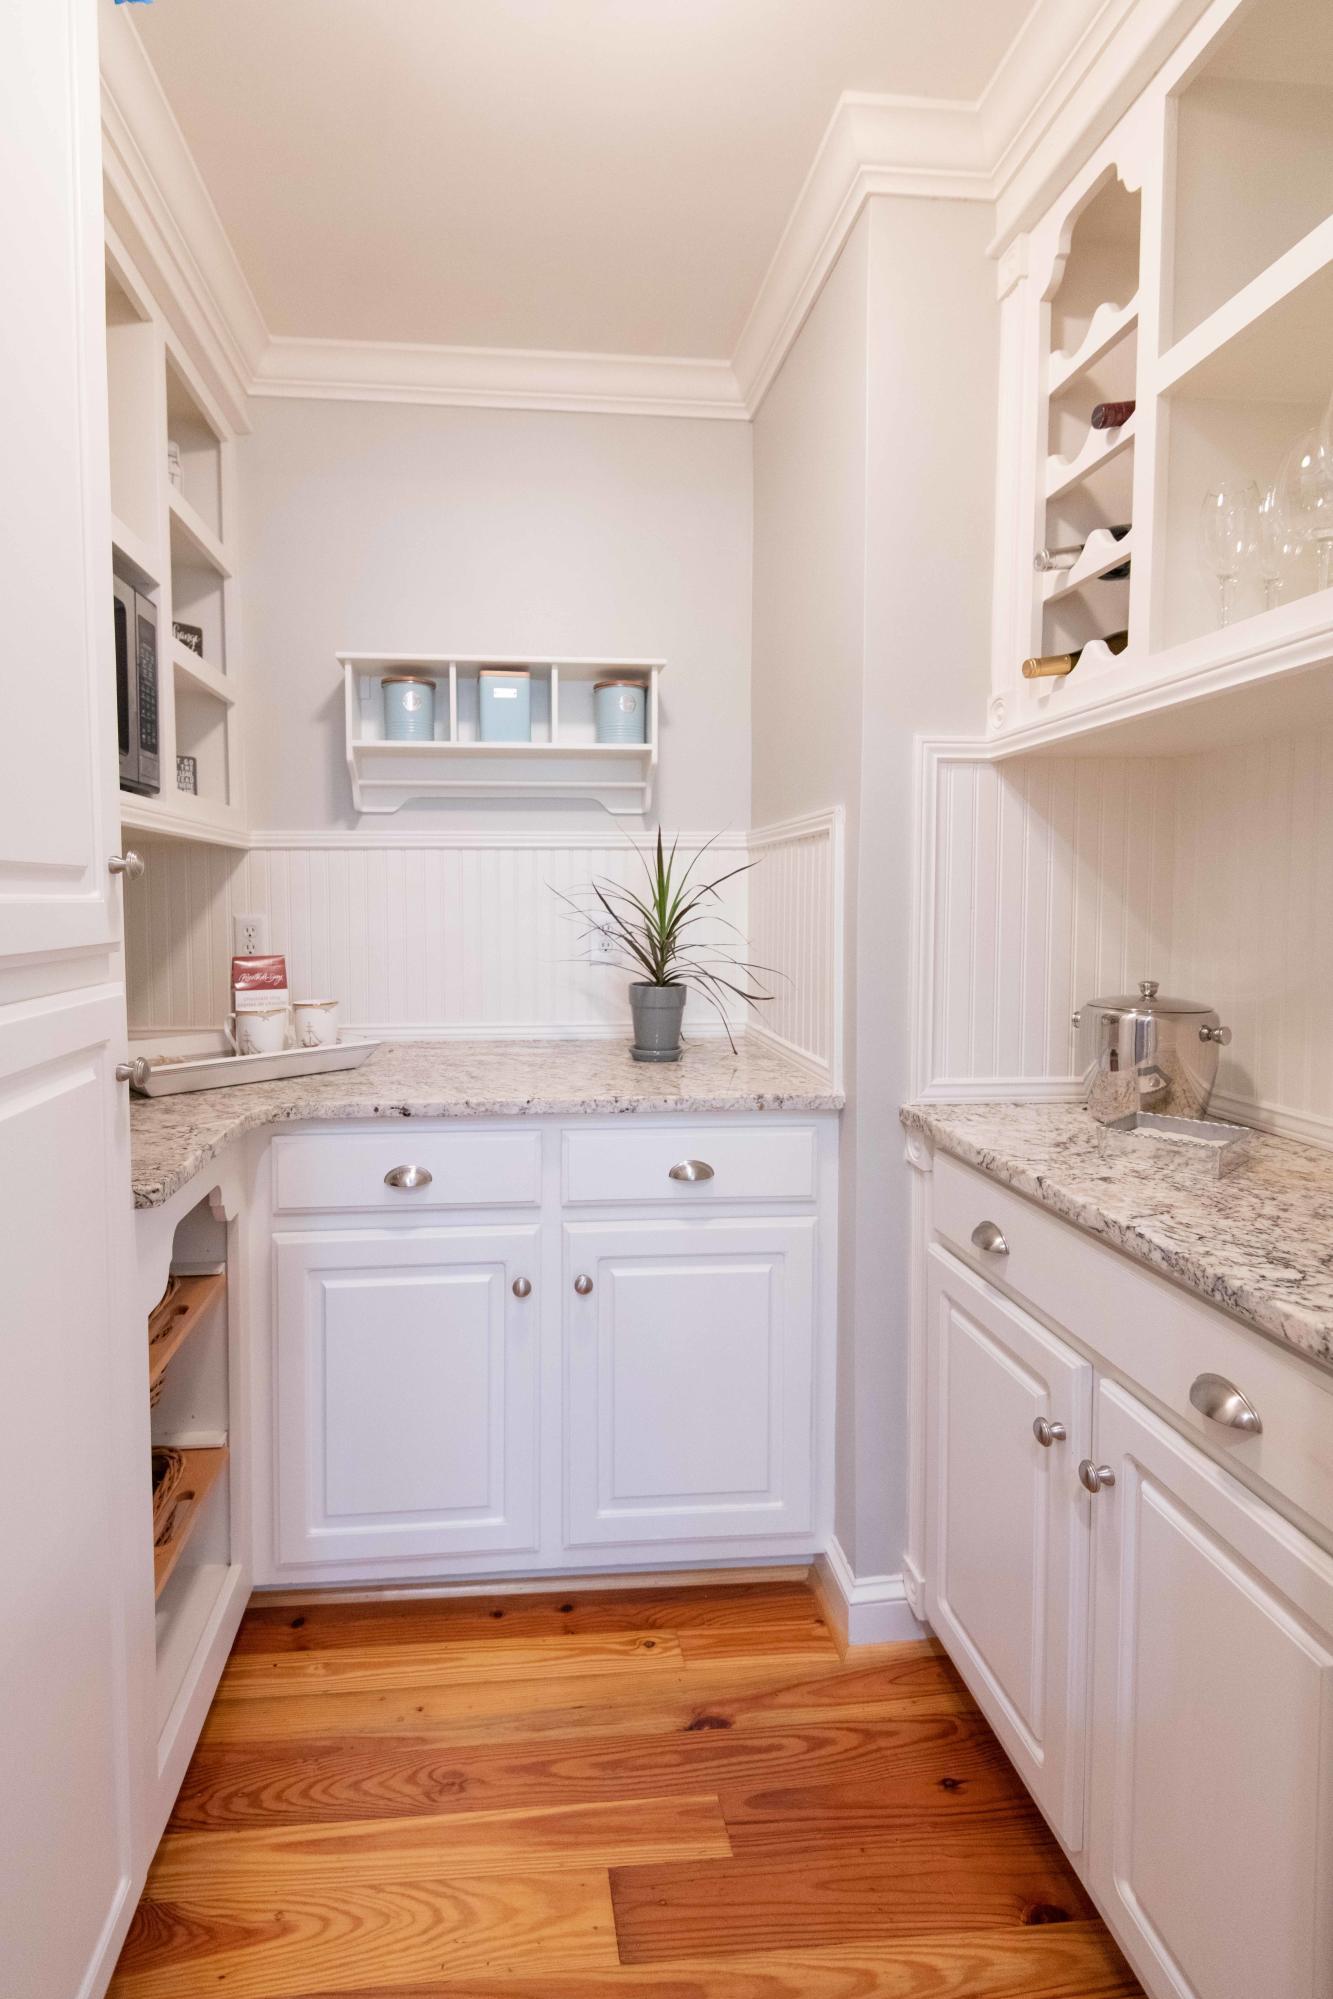 Parish Place Homes For Sale - 1212 Oldwanus, Mount Pleasant, SC - 9